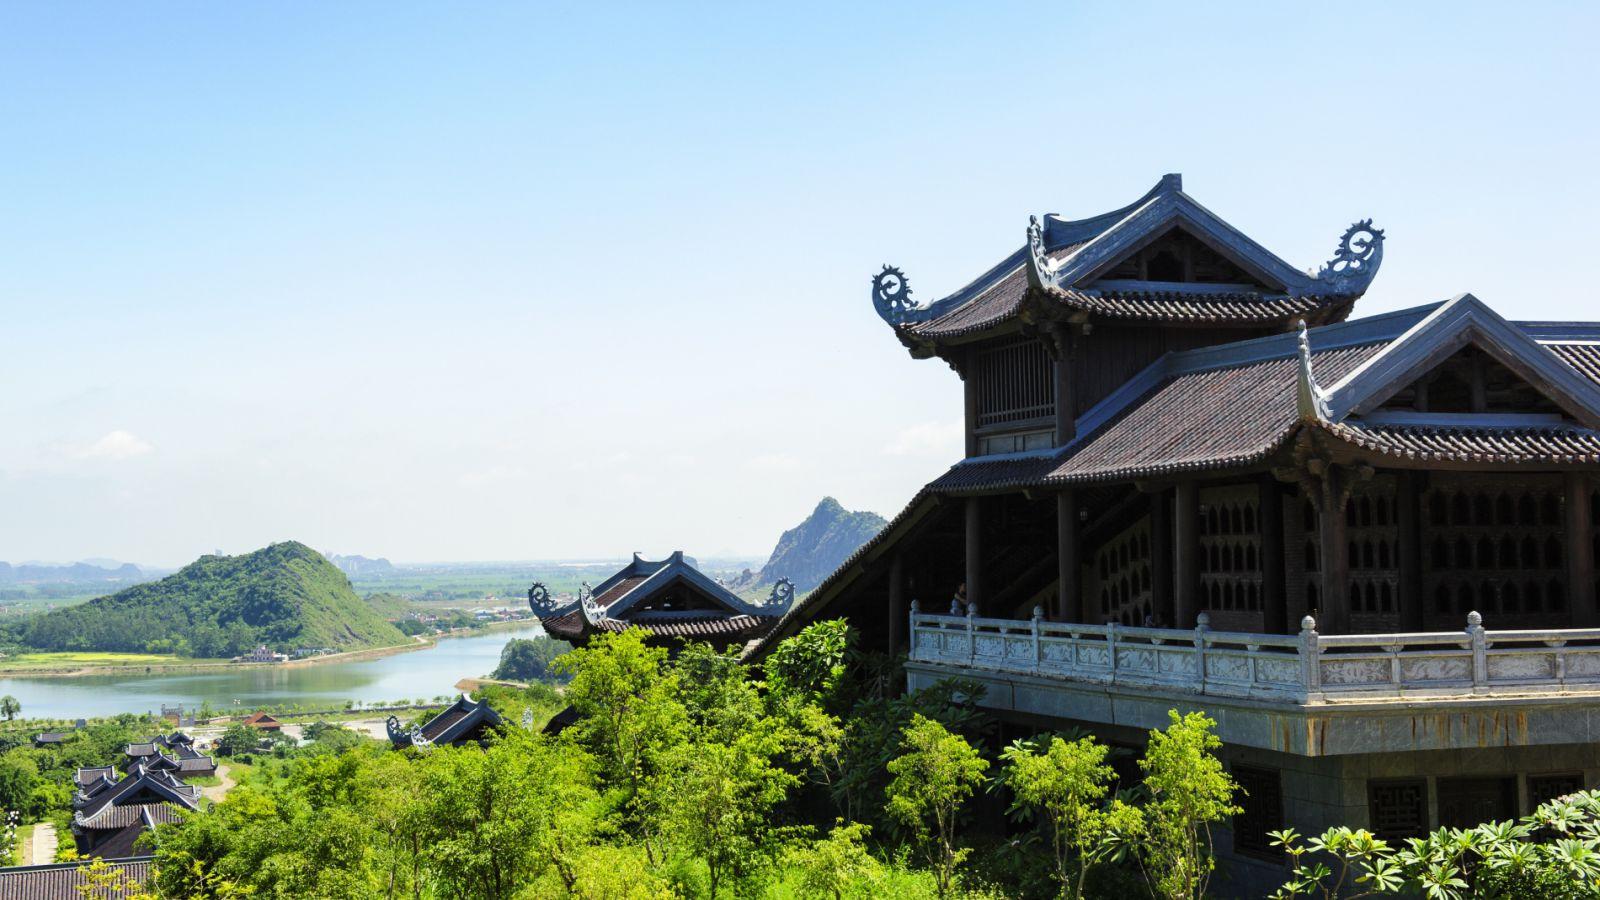 bai-dinh-pagoda-tour